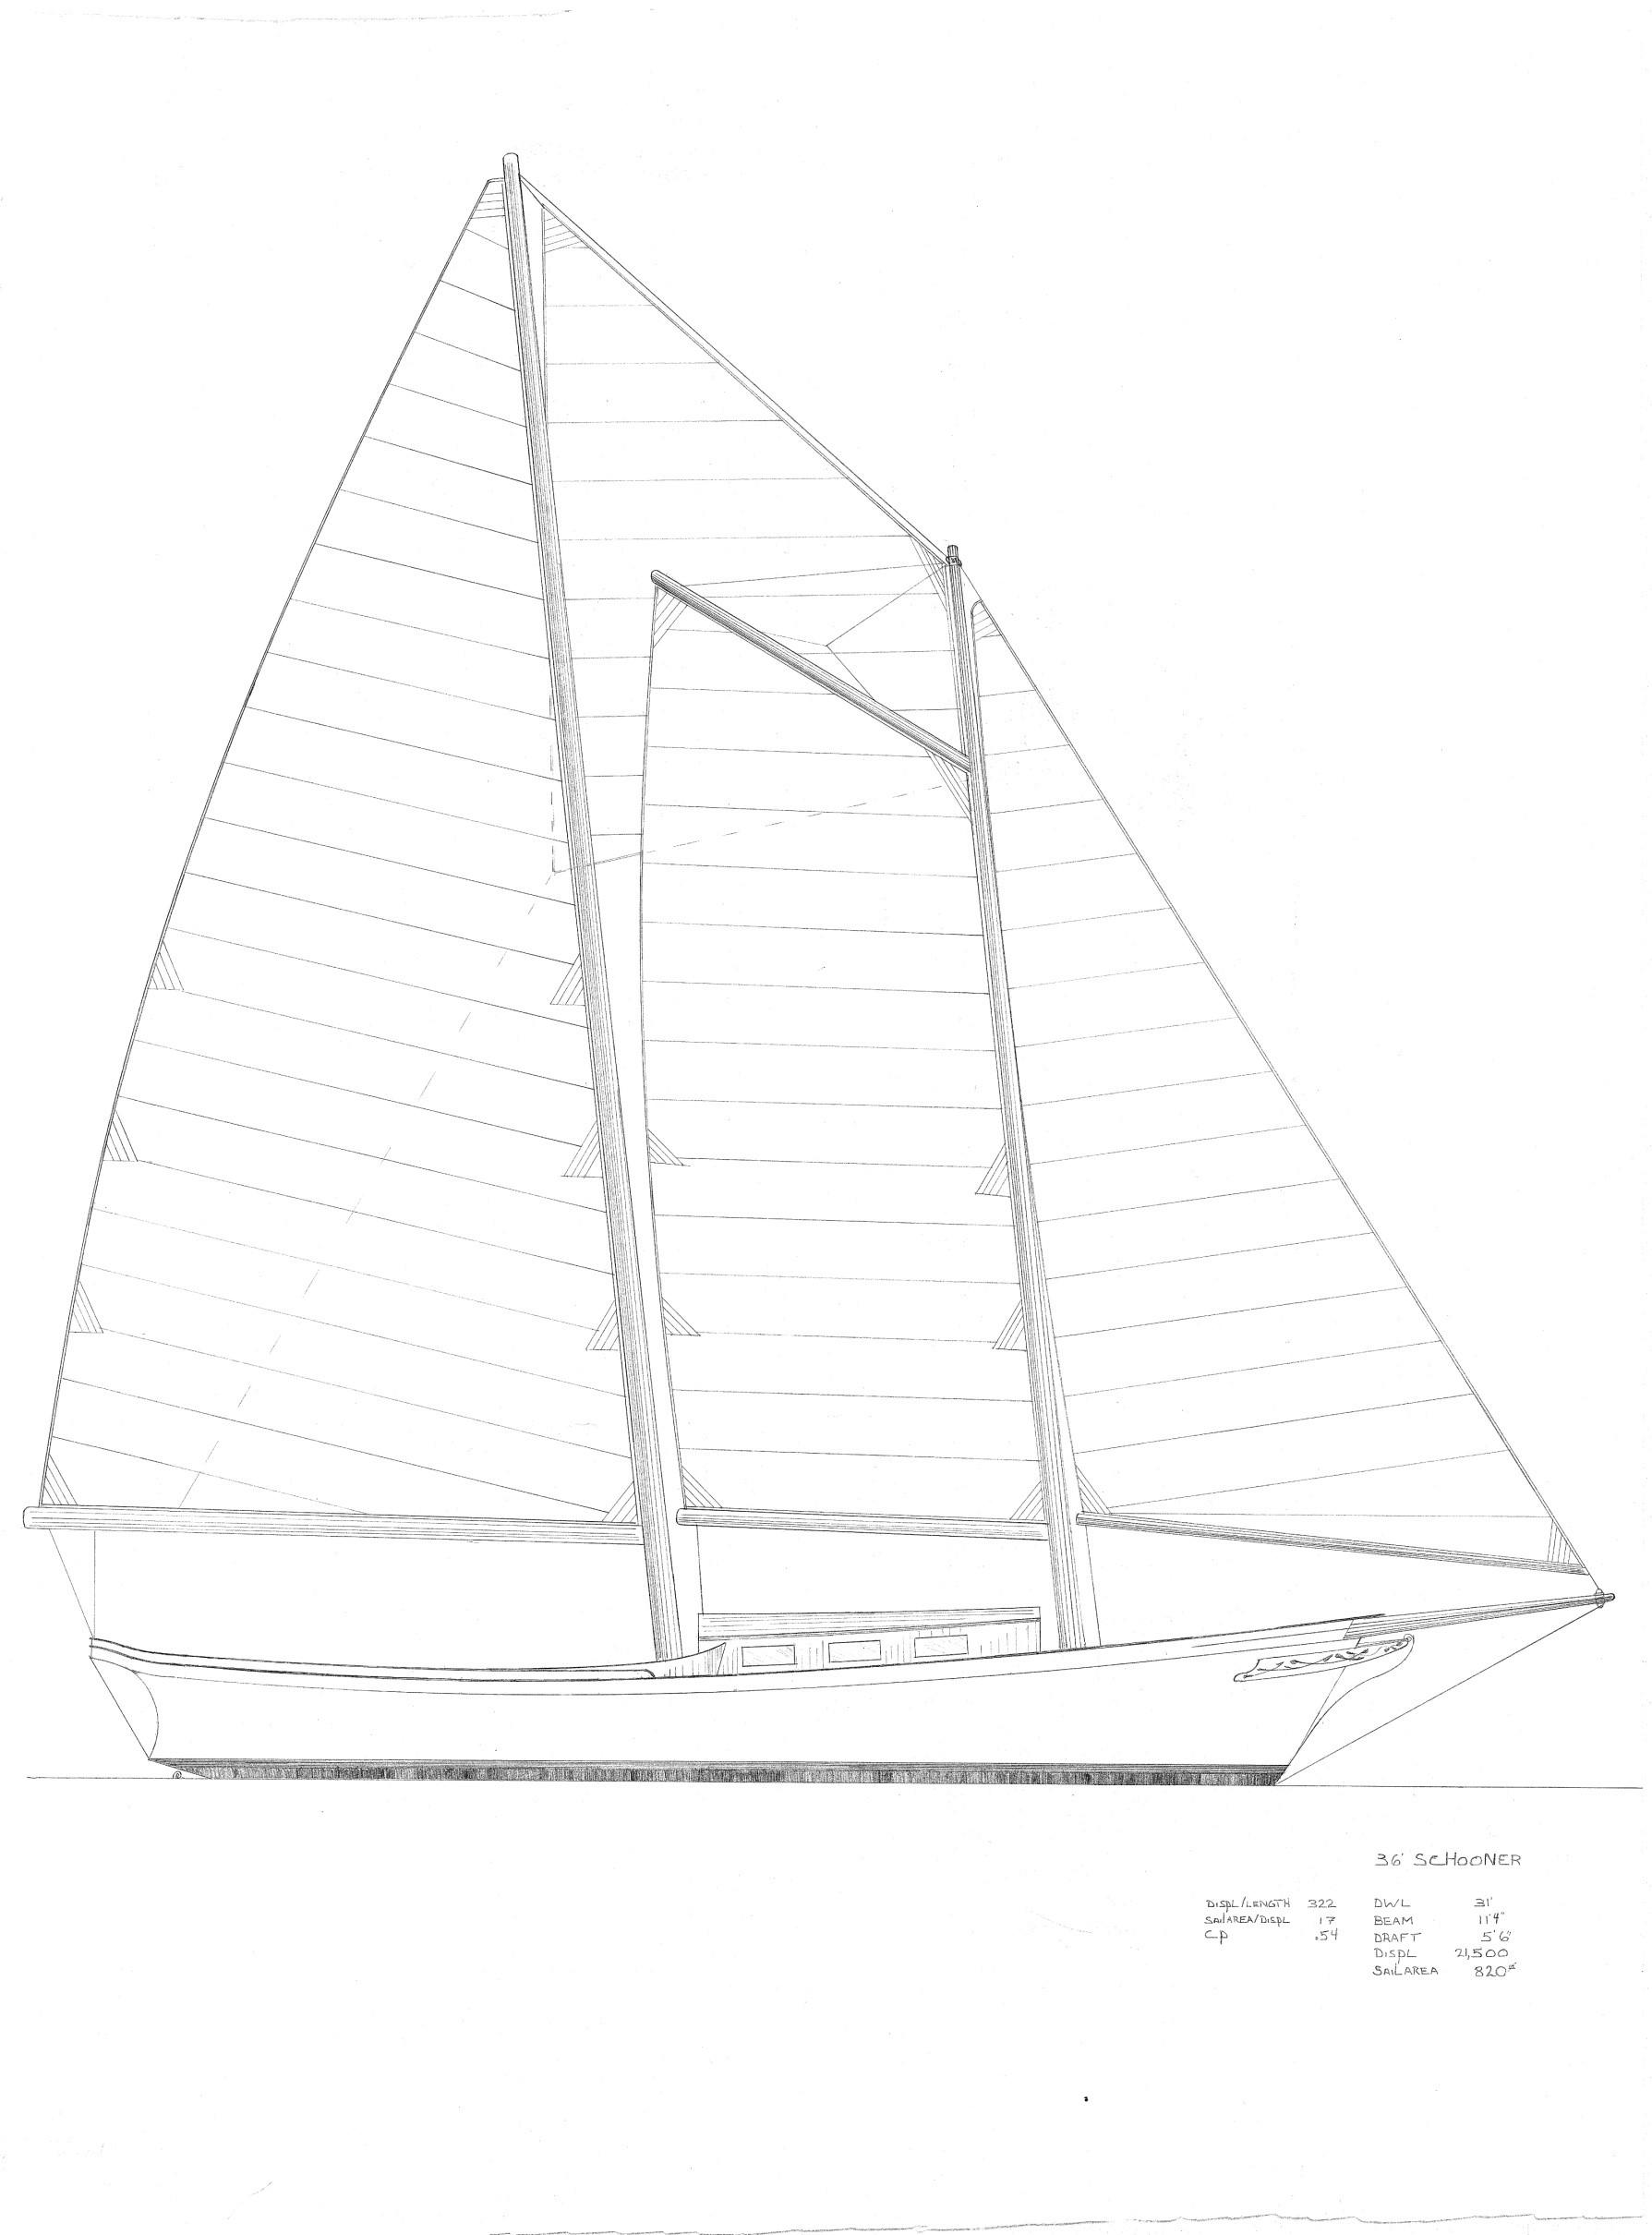 36' Daysailer Schooner. Rieff Design.